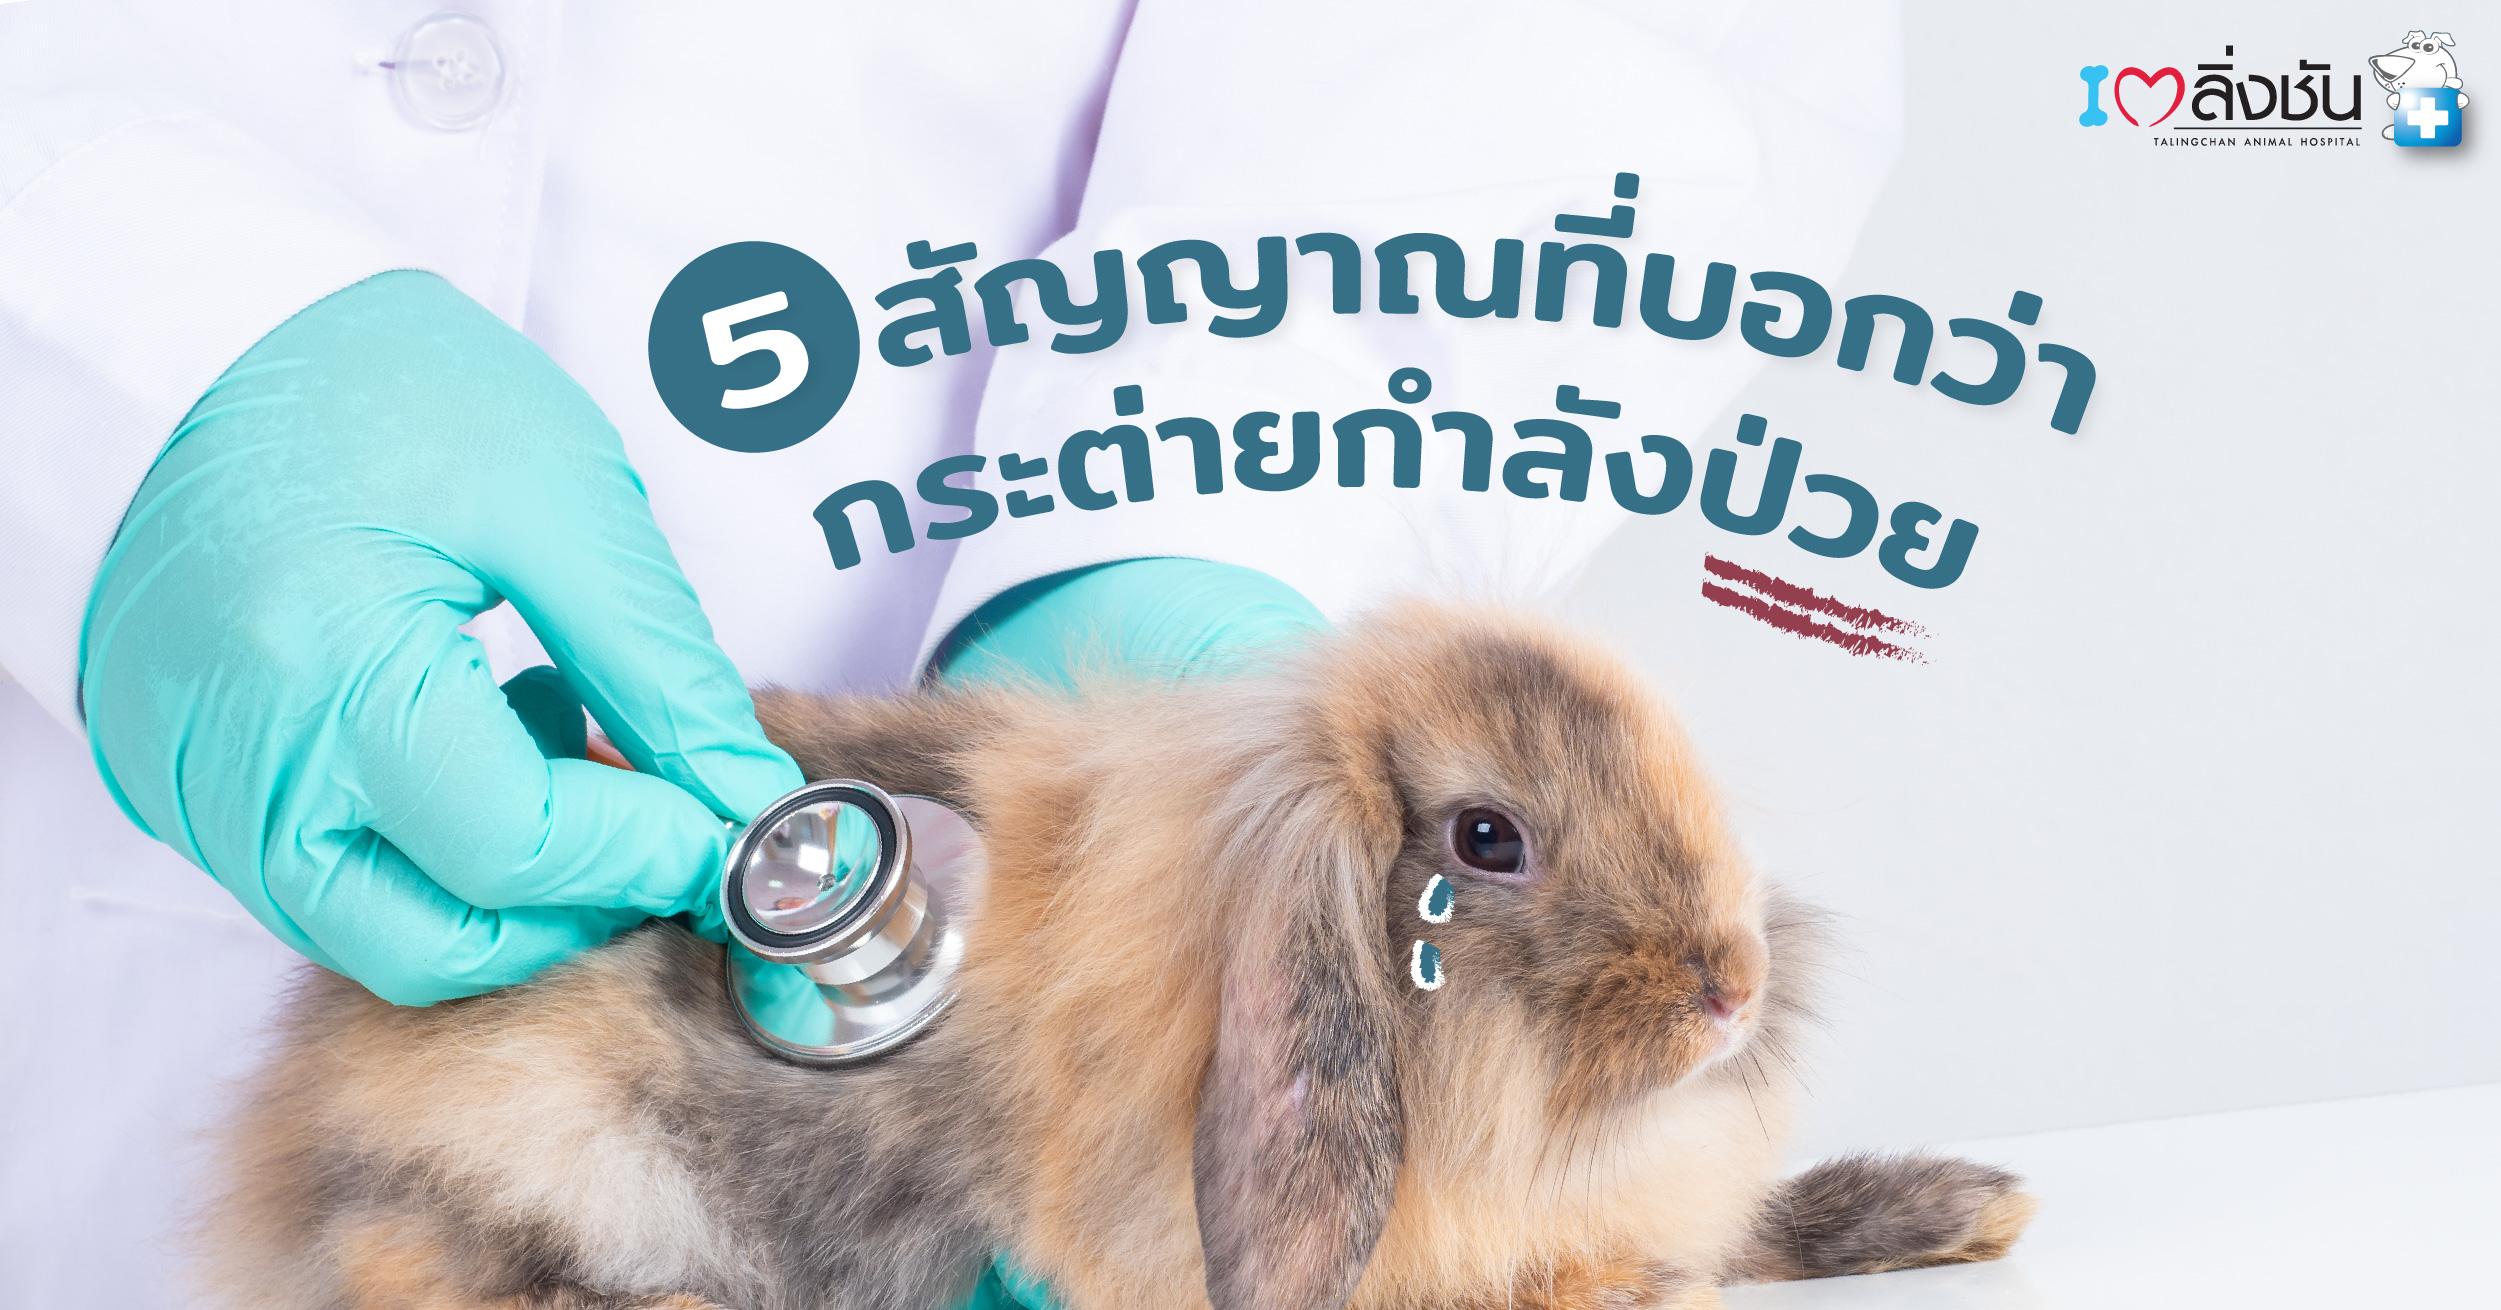 ปกอินโฟกระต่ายป่วย-02-02